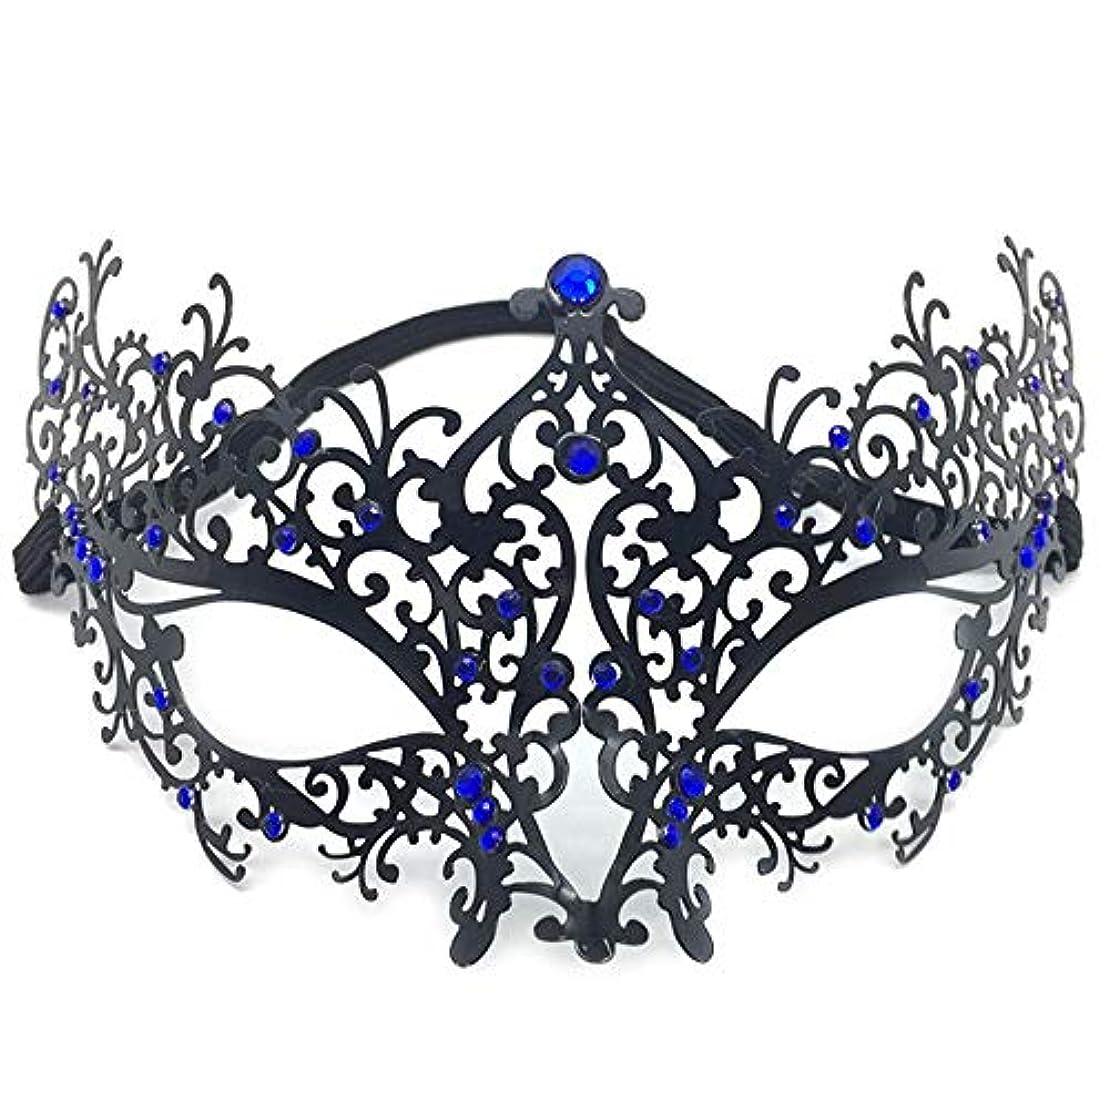 艶優しさ事務所仮面舞踏会アイアンマスクパーティーCOSはメタリックダイヤモンドハーフフェイスハロウィンアイアンマスクをドレスアップ (Color : B)